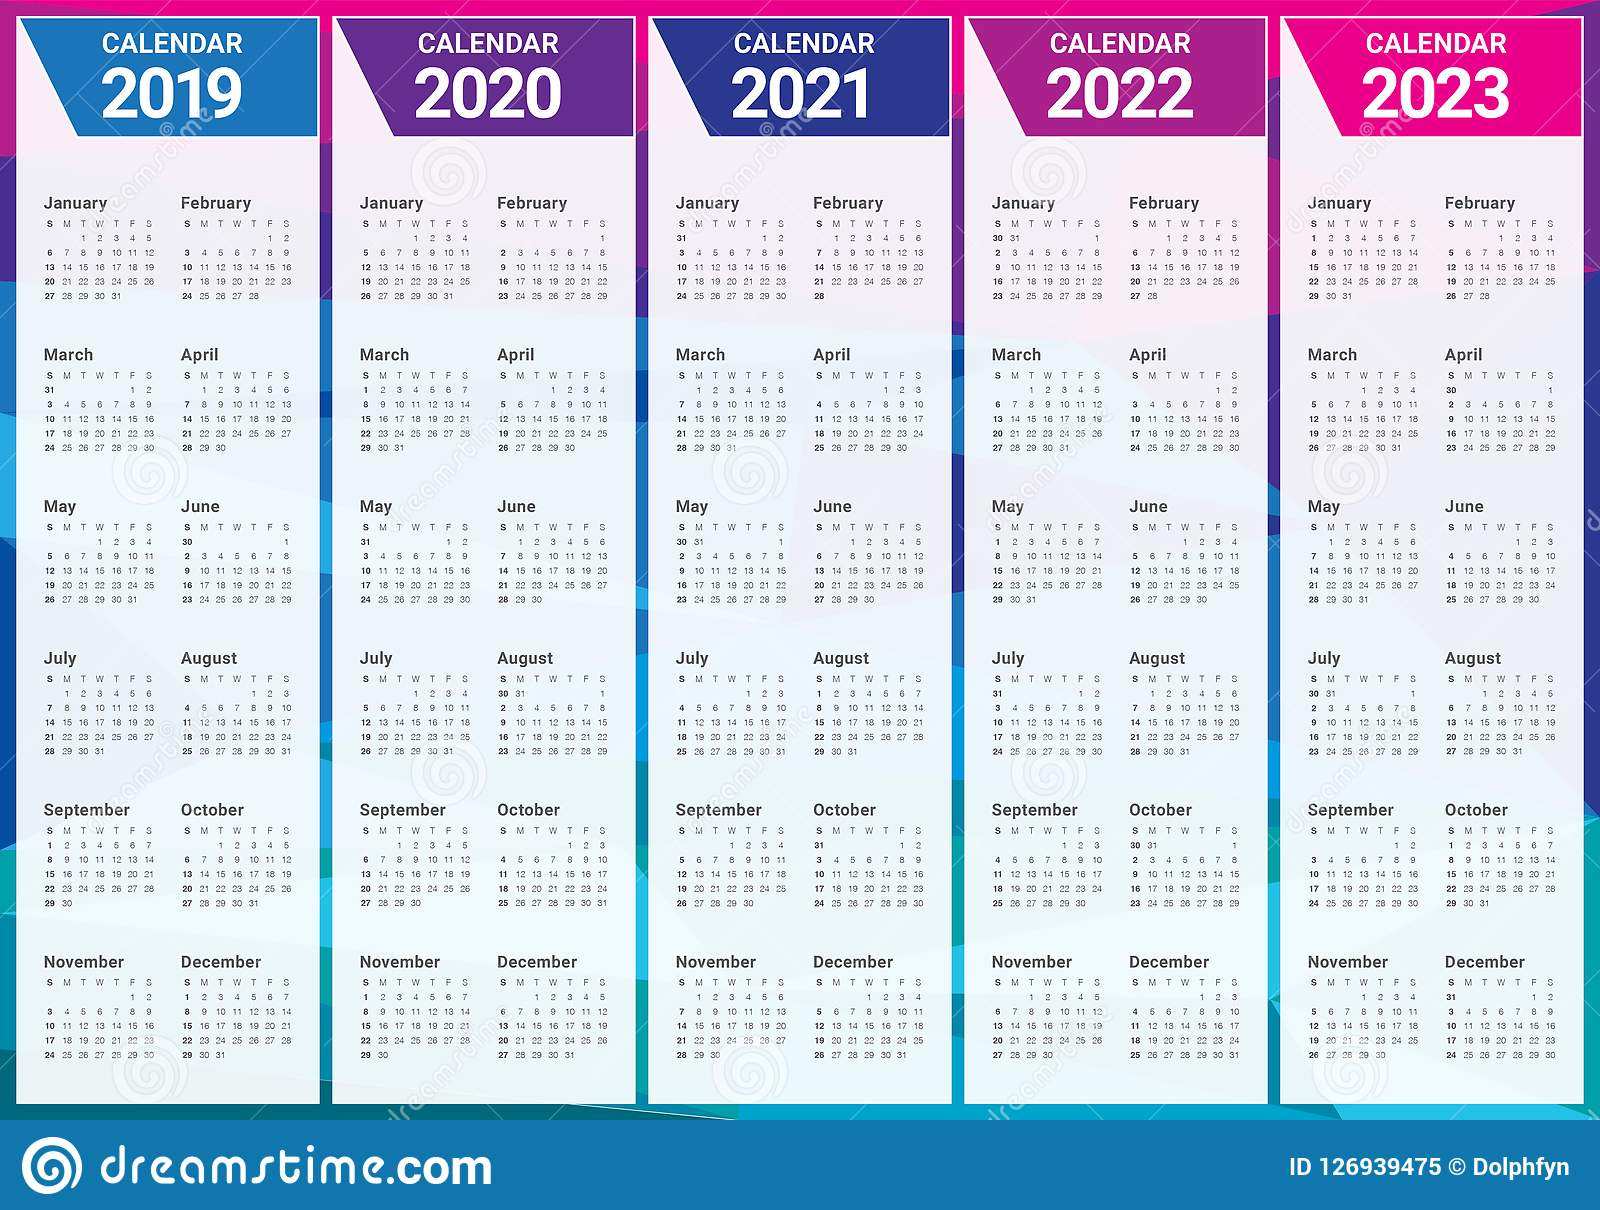 Calendrier Année 2022 2023 Année 2019 2020 2021 2022 Calibre De Conception De Vecteur De 2023